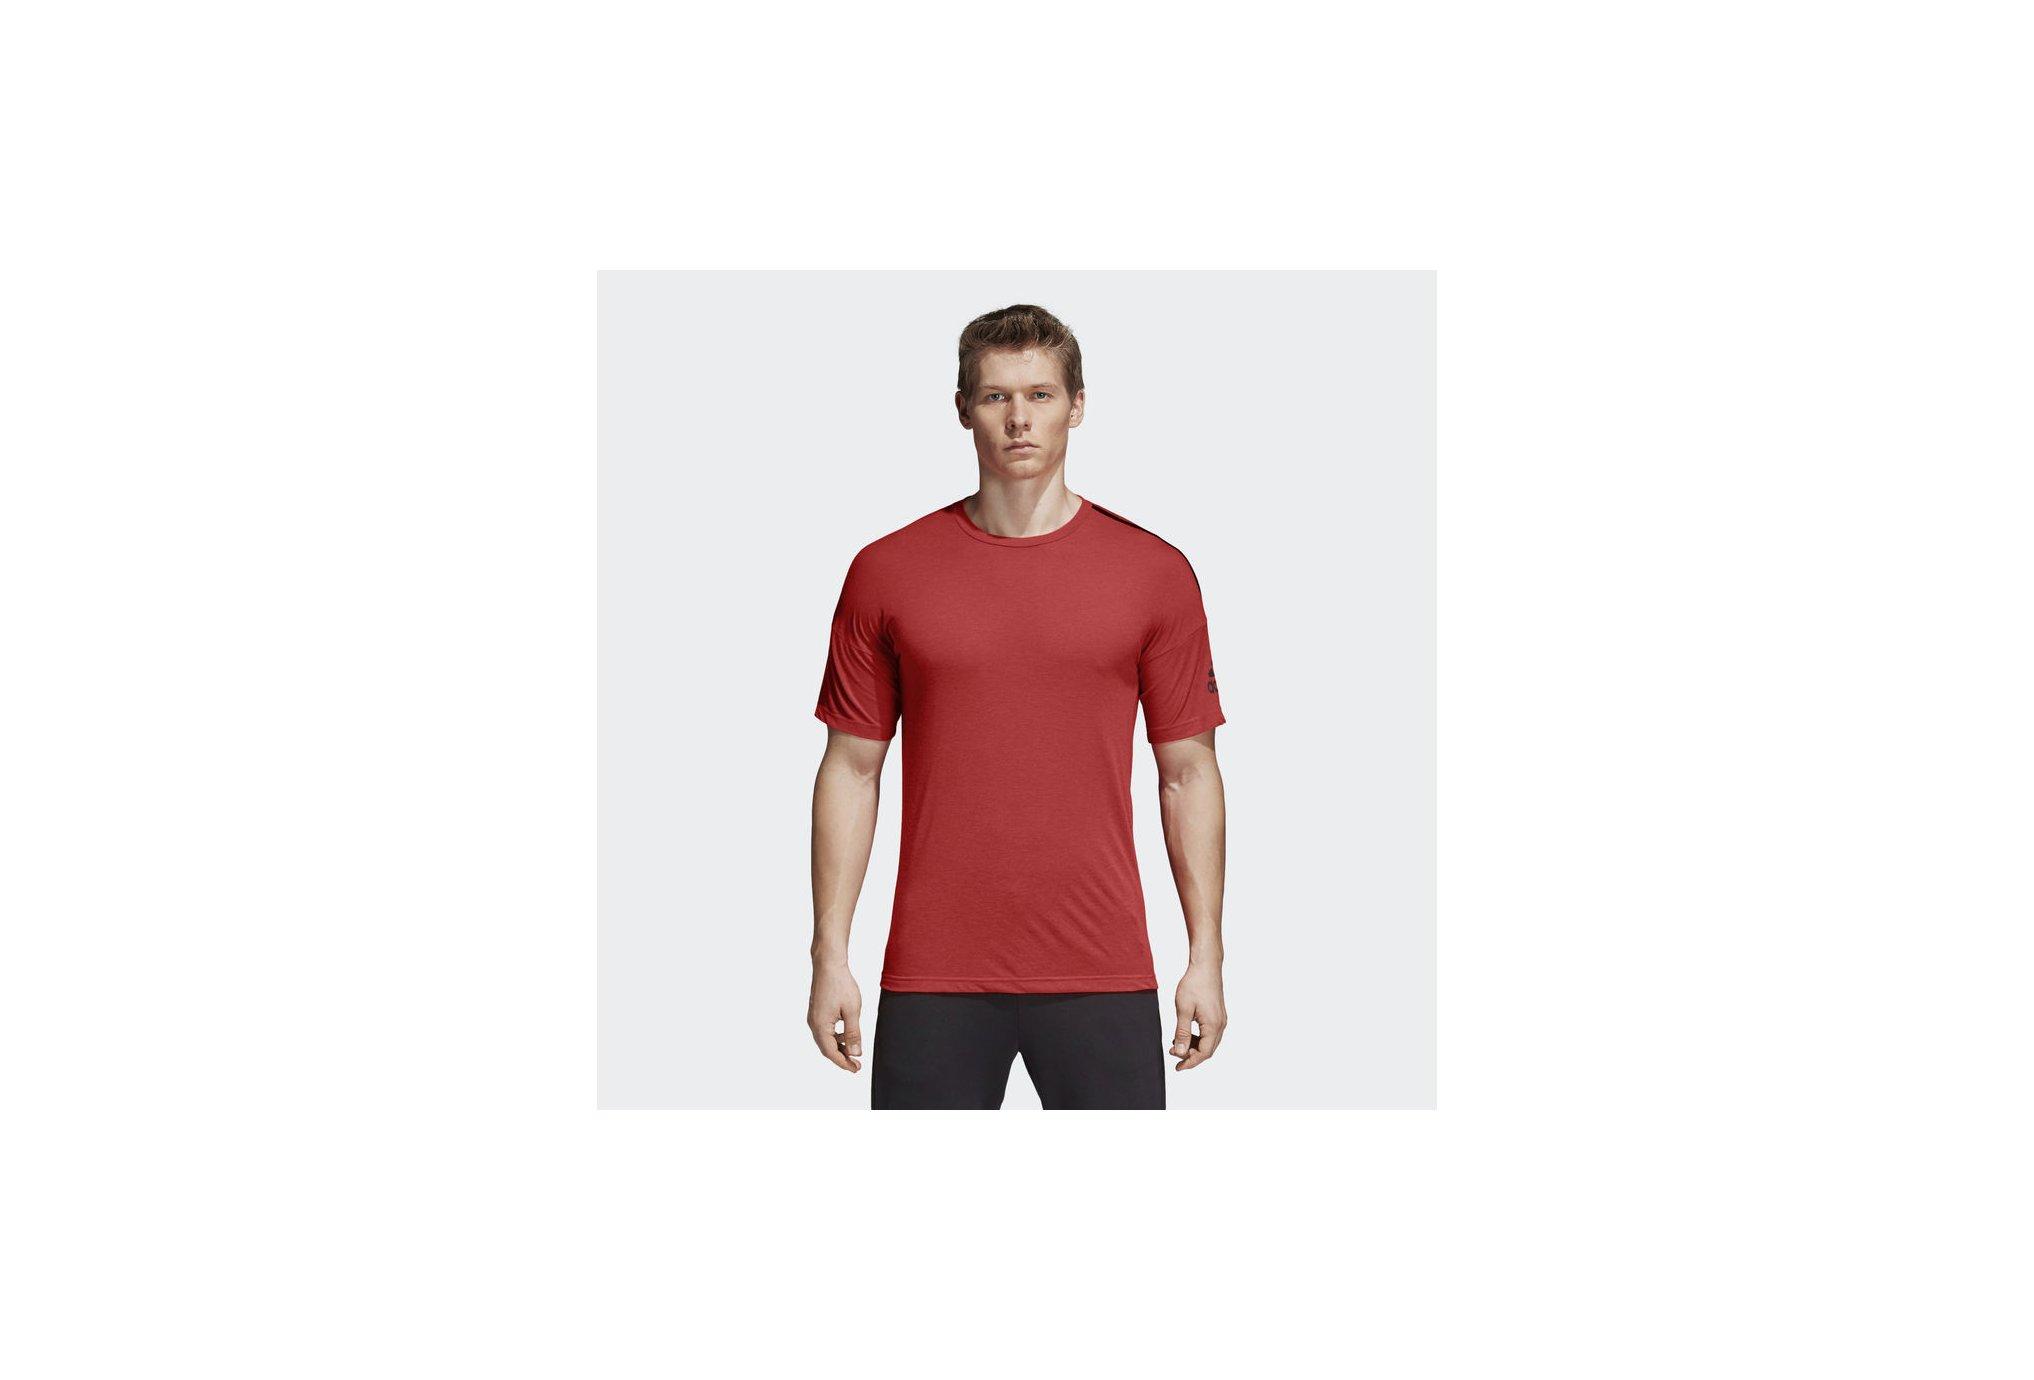 Adidas Z.N.e. wool m vêtement running homme